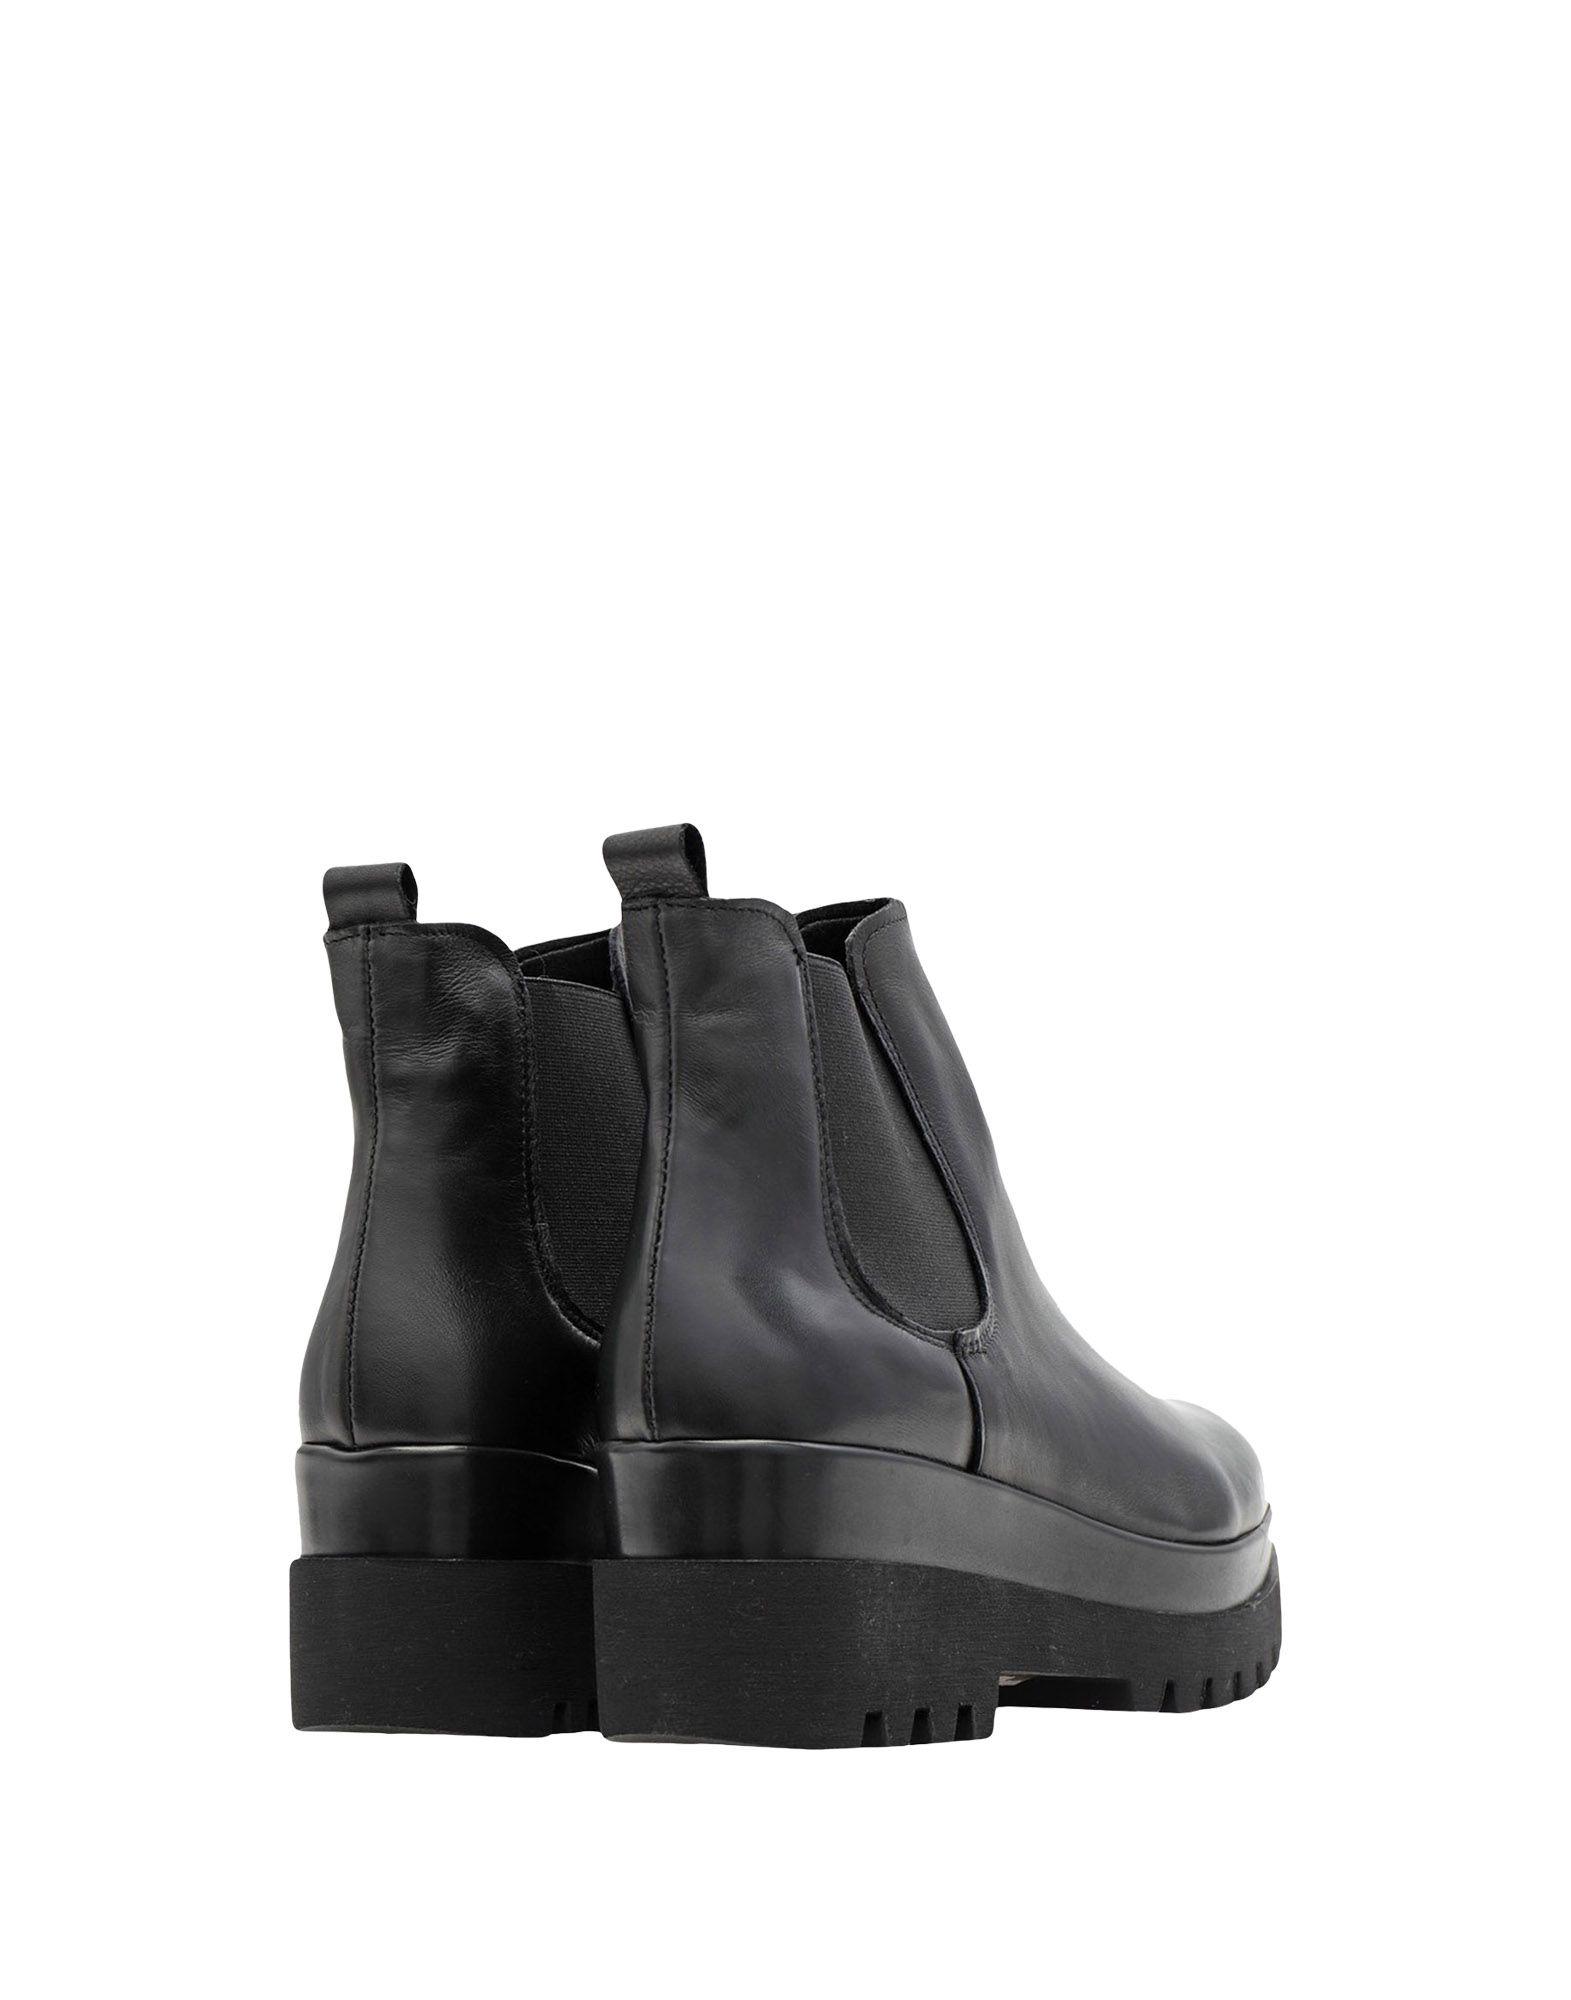 Stilvolle Stilvolle Stilvolle billige Schuhe George J. Love Stiefelette Damen  11524346RQ 7f4c0f